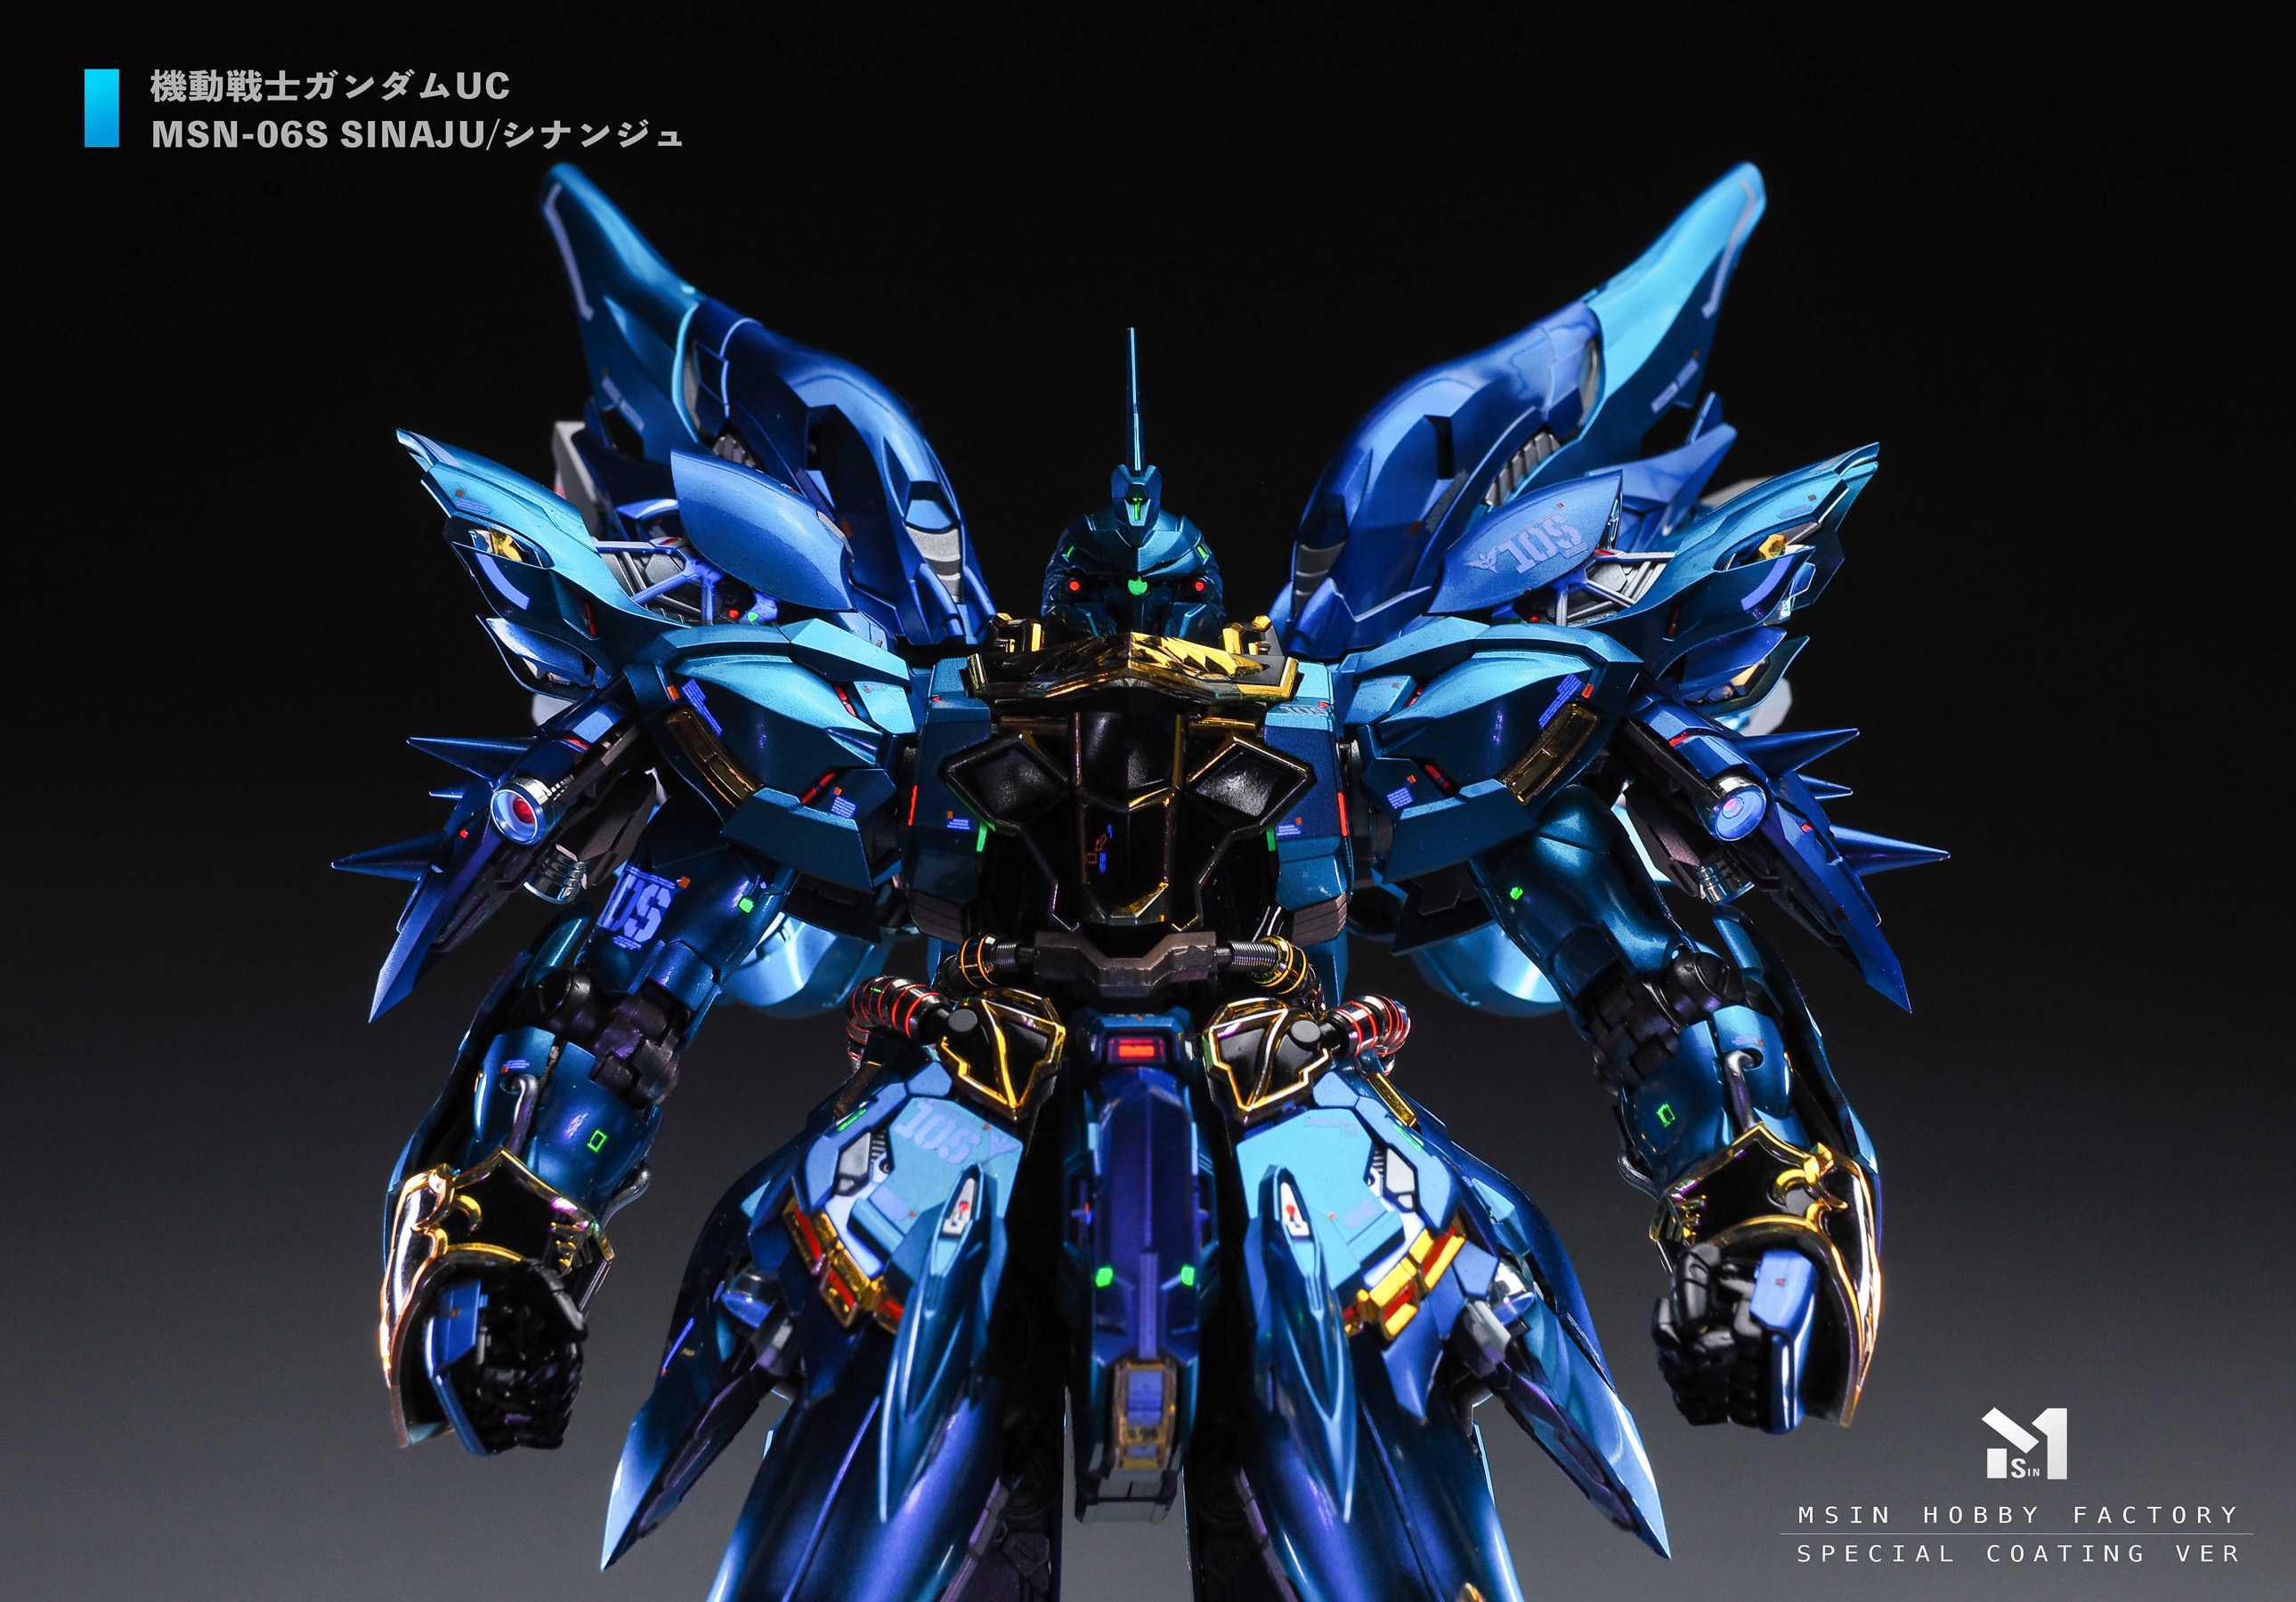 S437_4_sinanju_takumi_blue_014.jpg